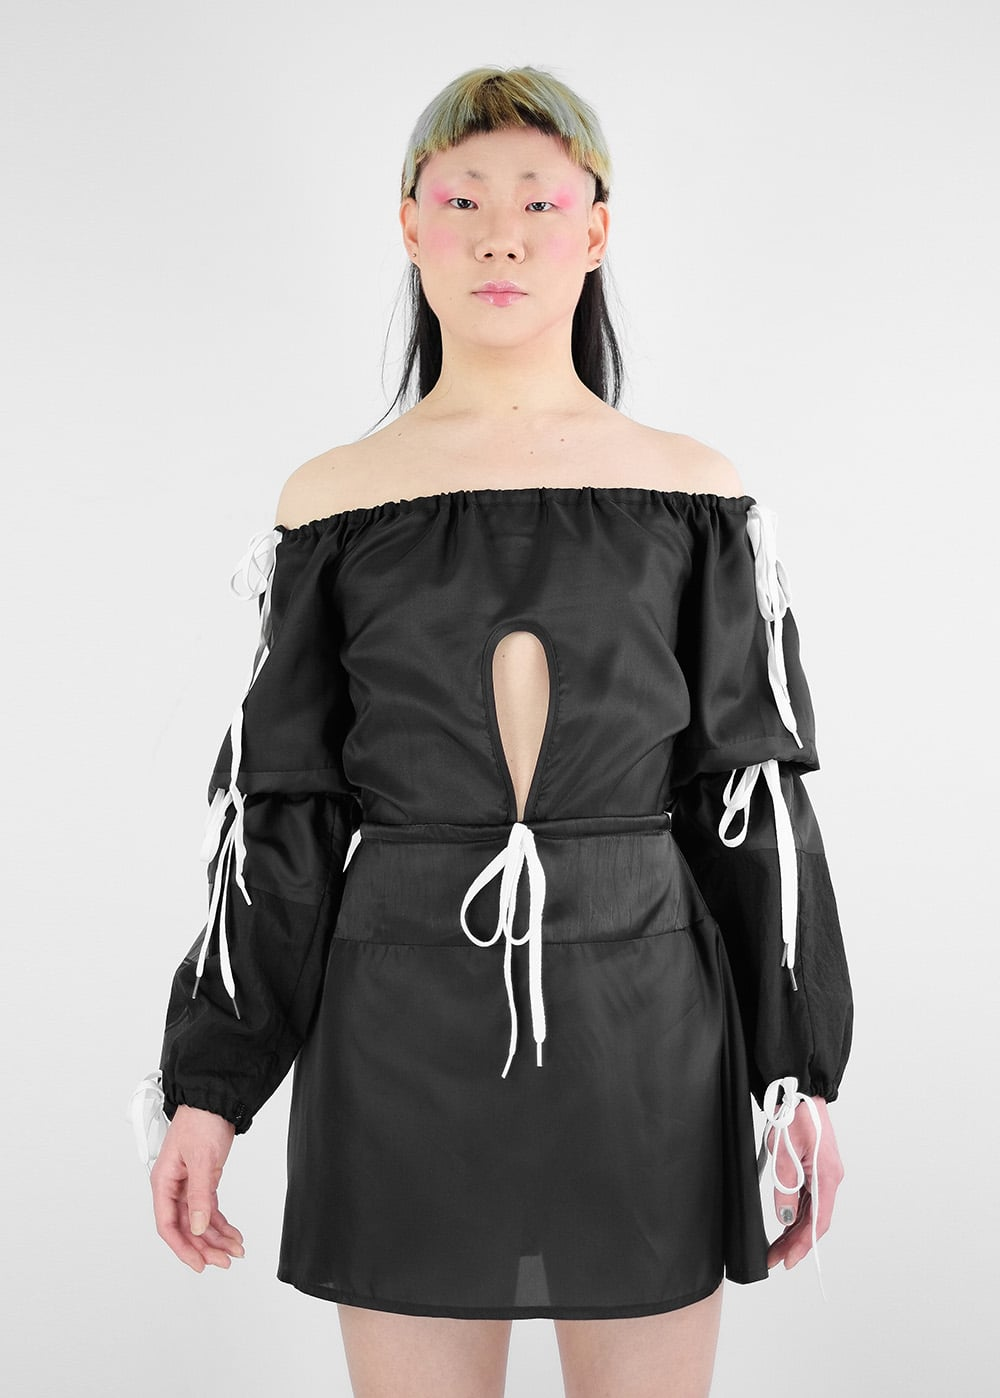 Underskirt Dress 104